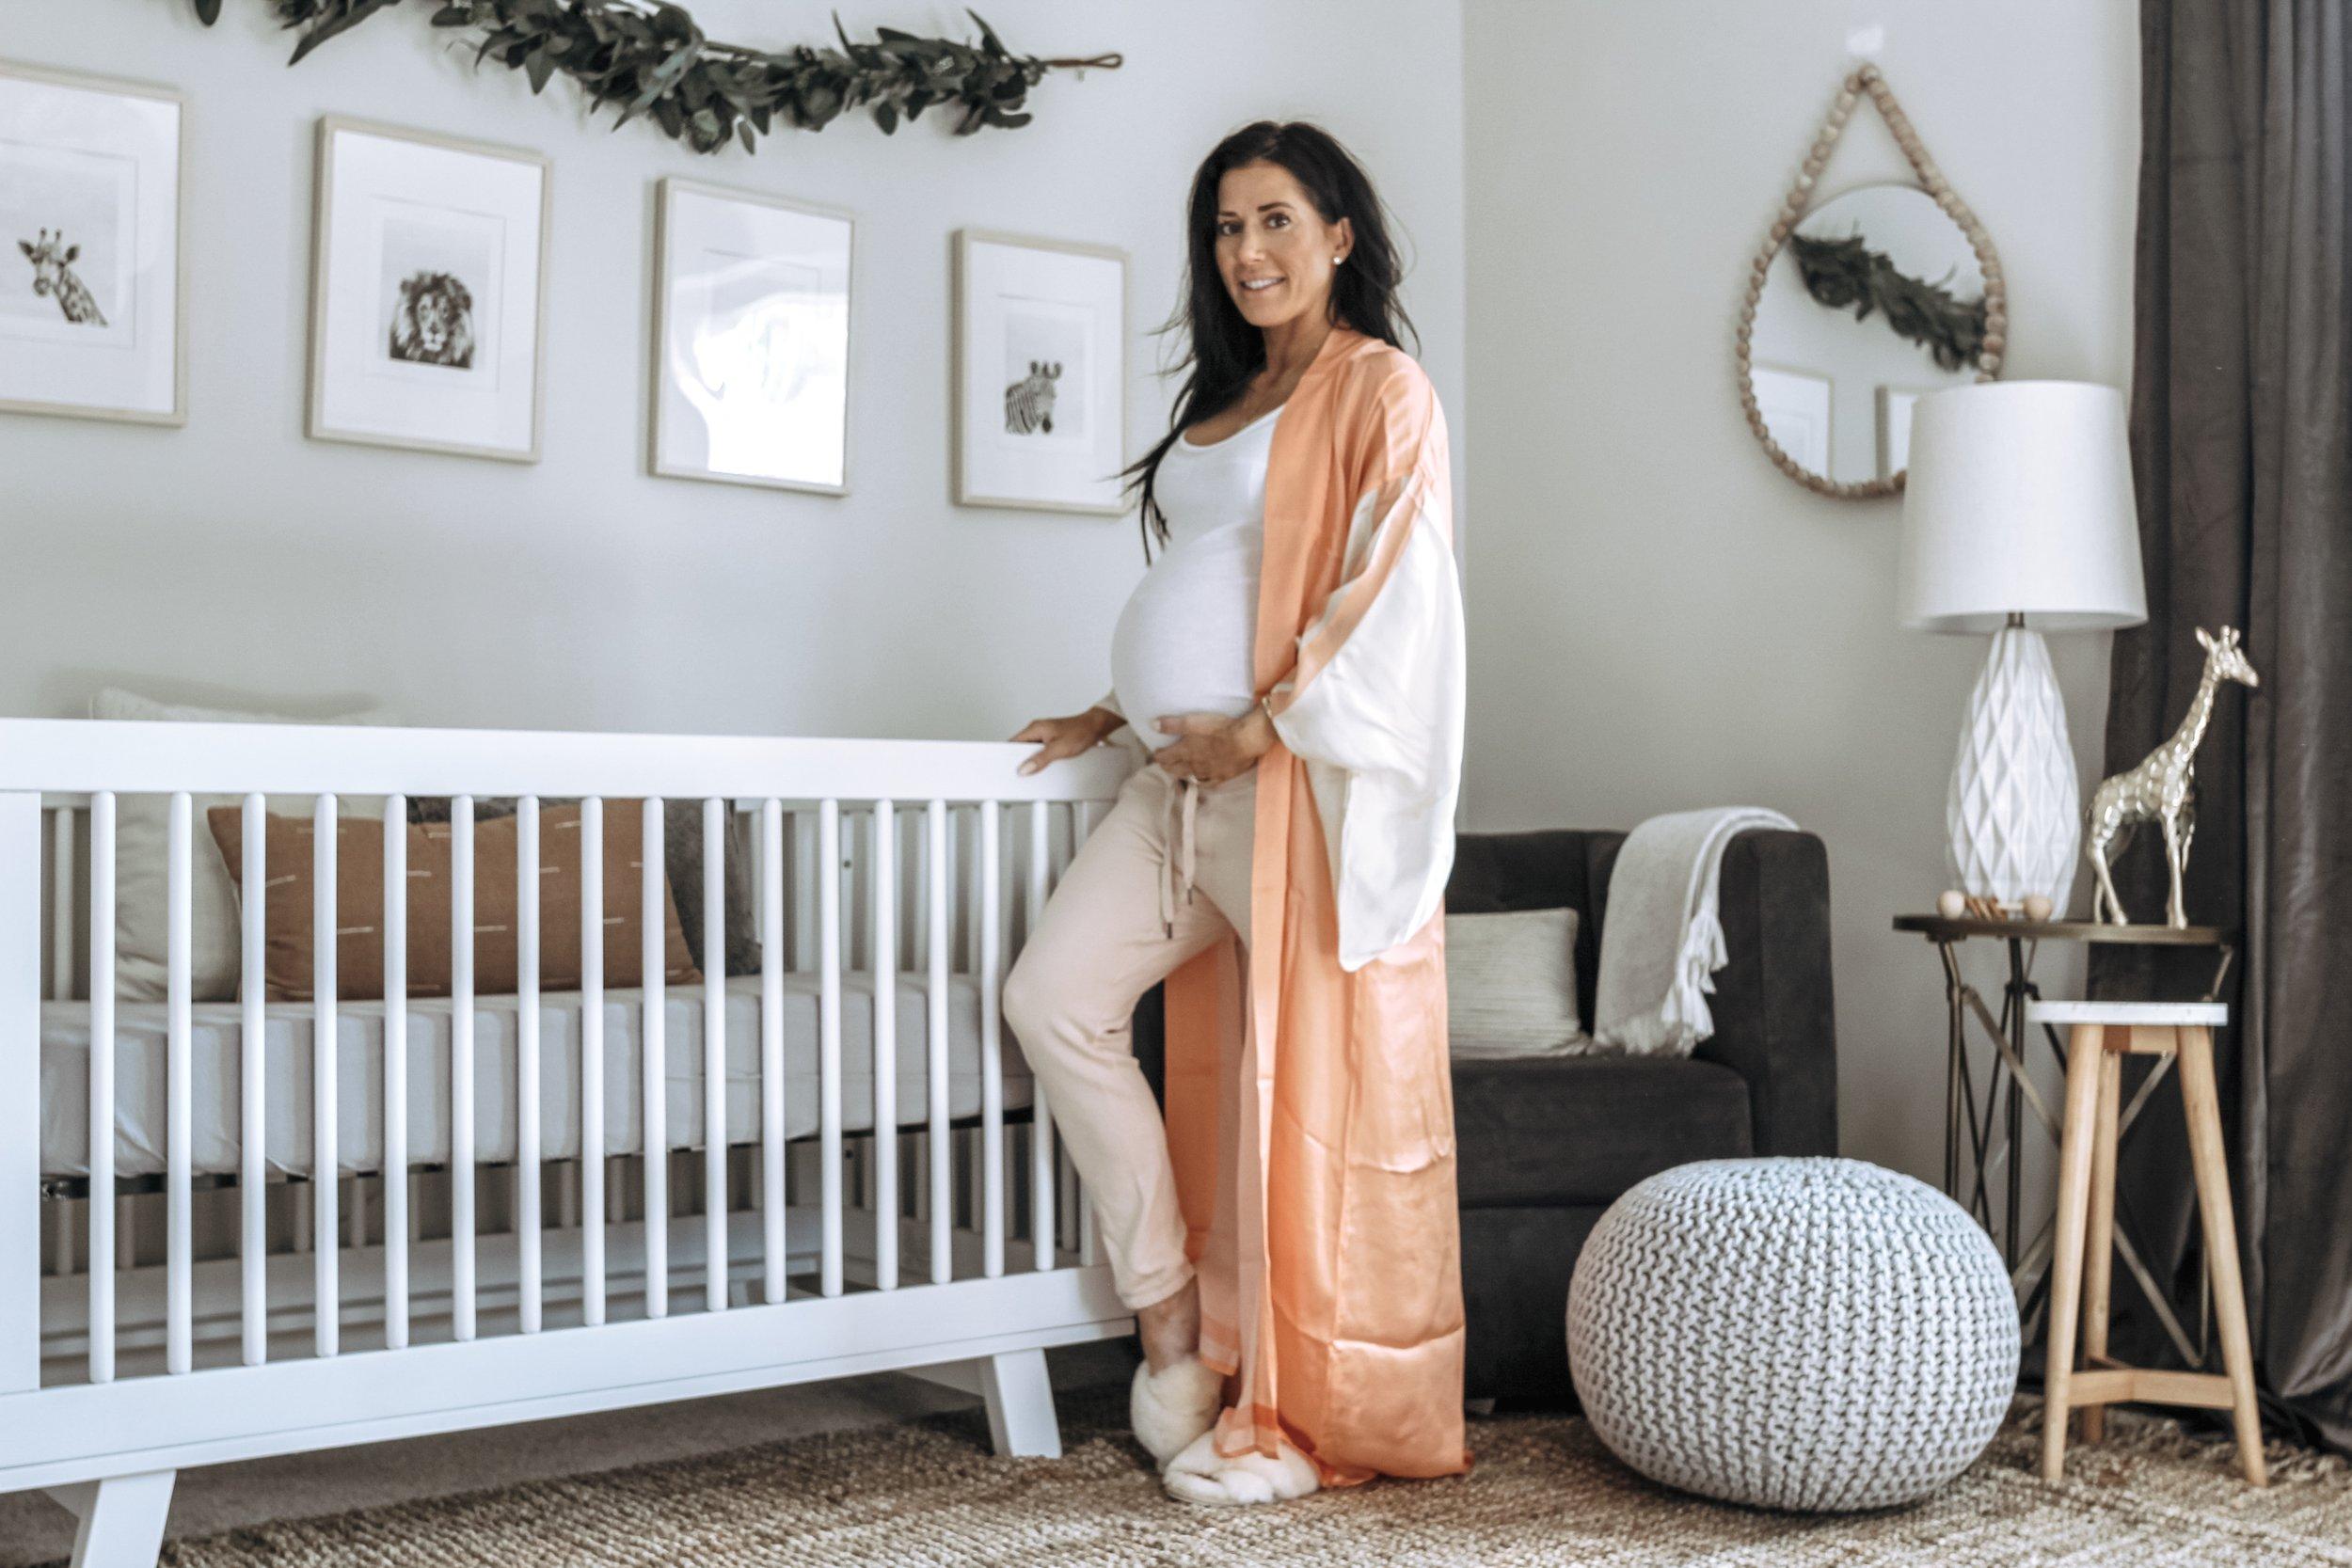 Nursery Reveal - BABY BOY BOHO NEUTRAL NURSERY